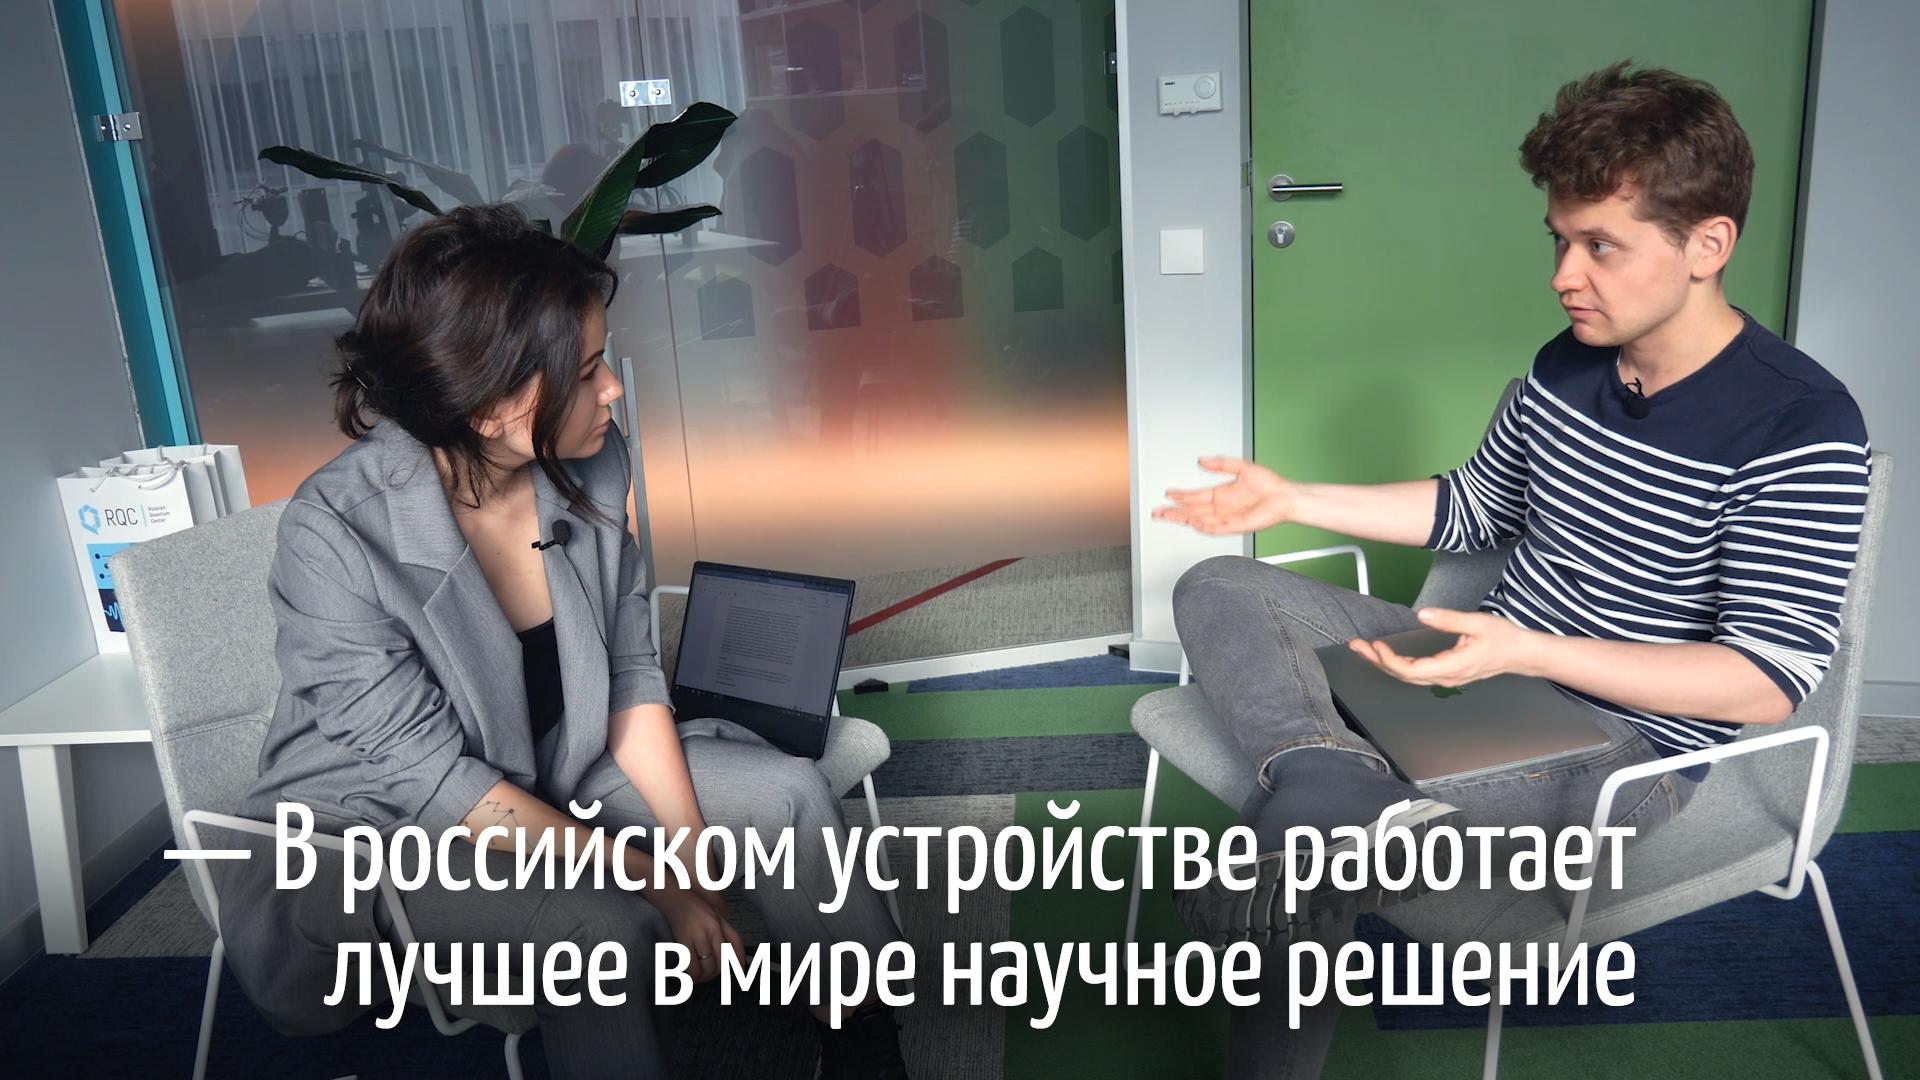 РКЦ: квантовый компьютер и блокчейн. Наука России и ее ученые — IT-МИР. ПОМОЩЬ В IT-МИРЕ 2021